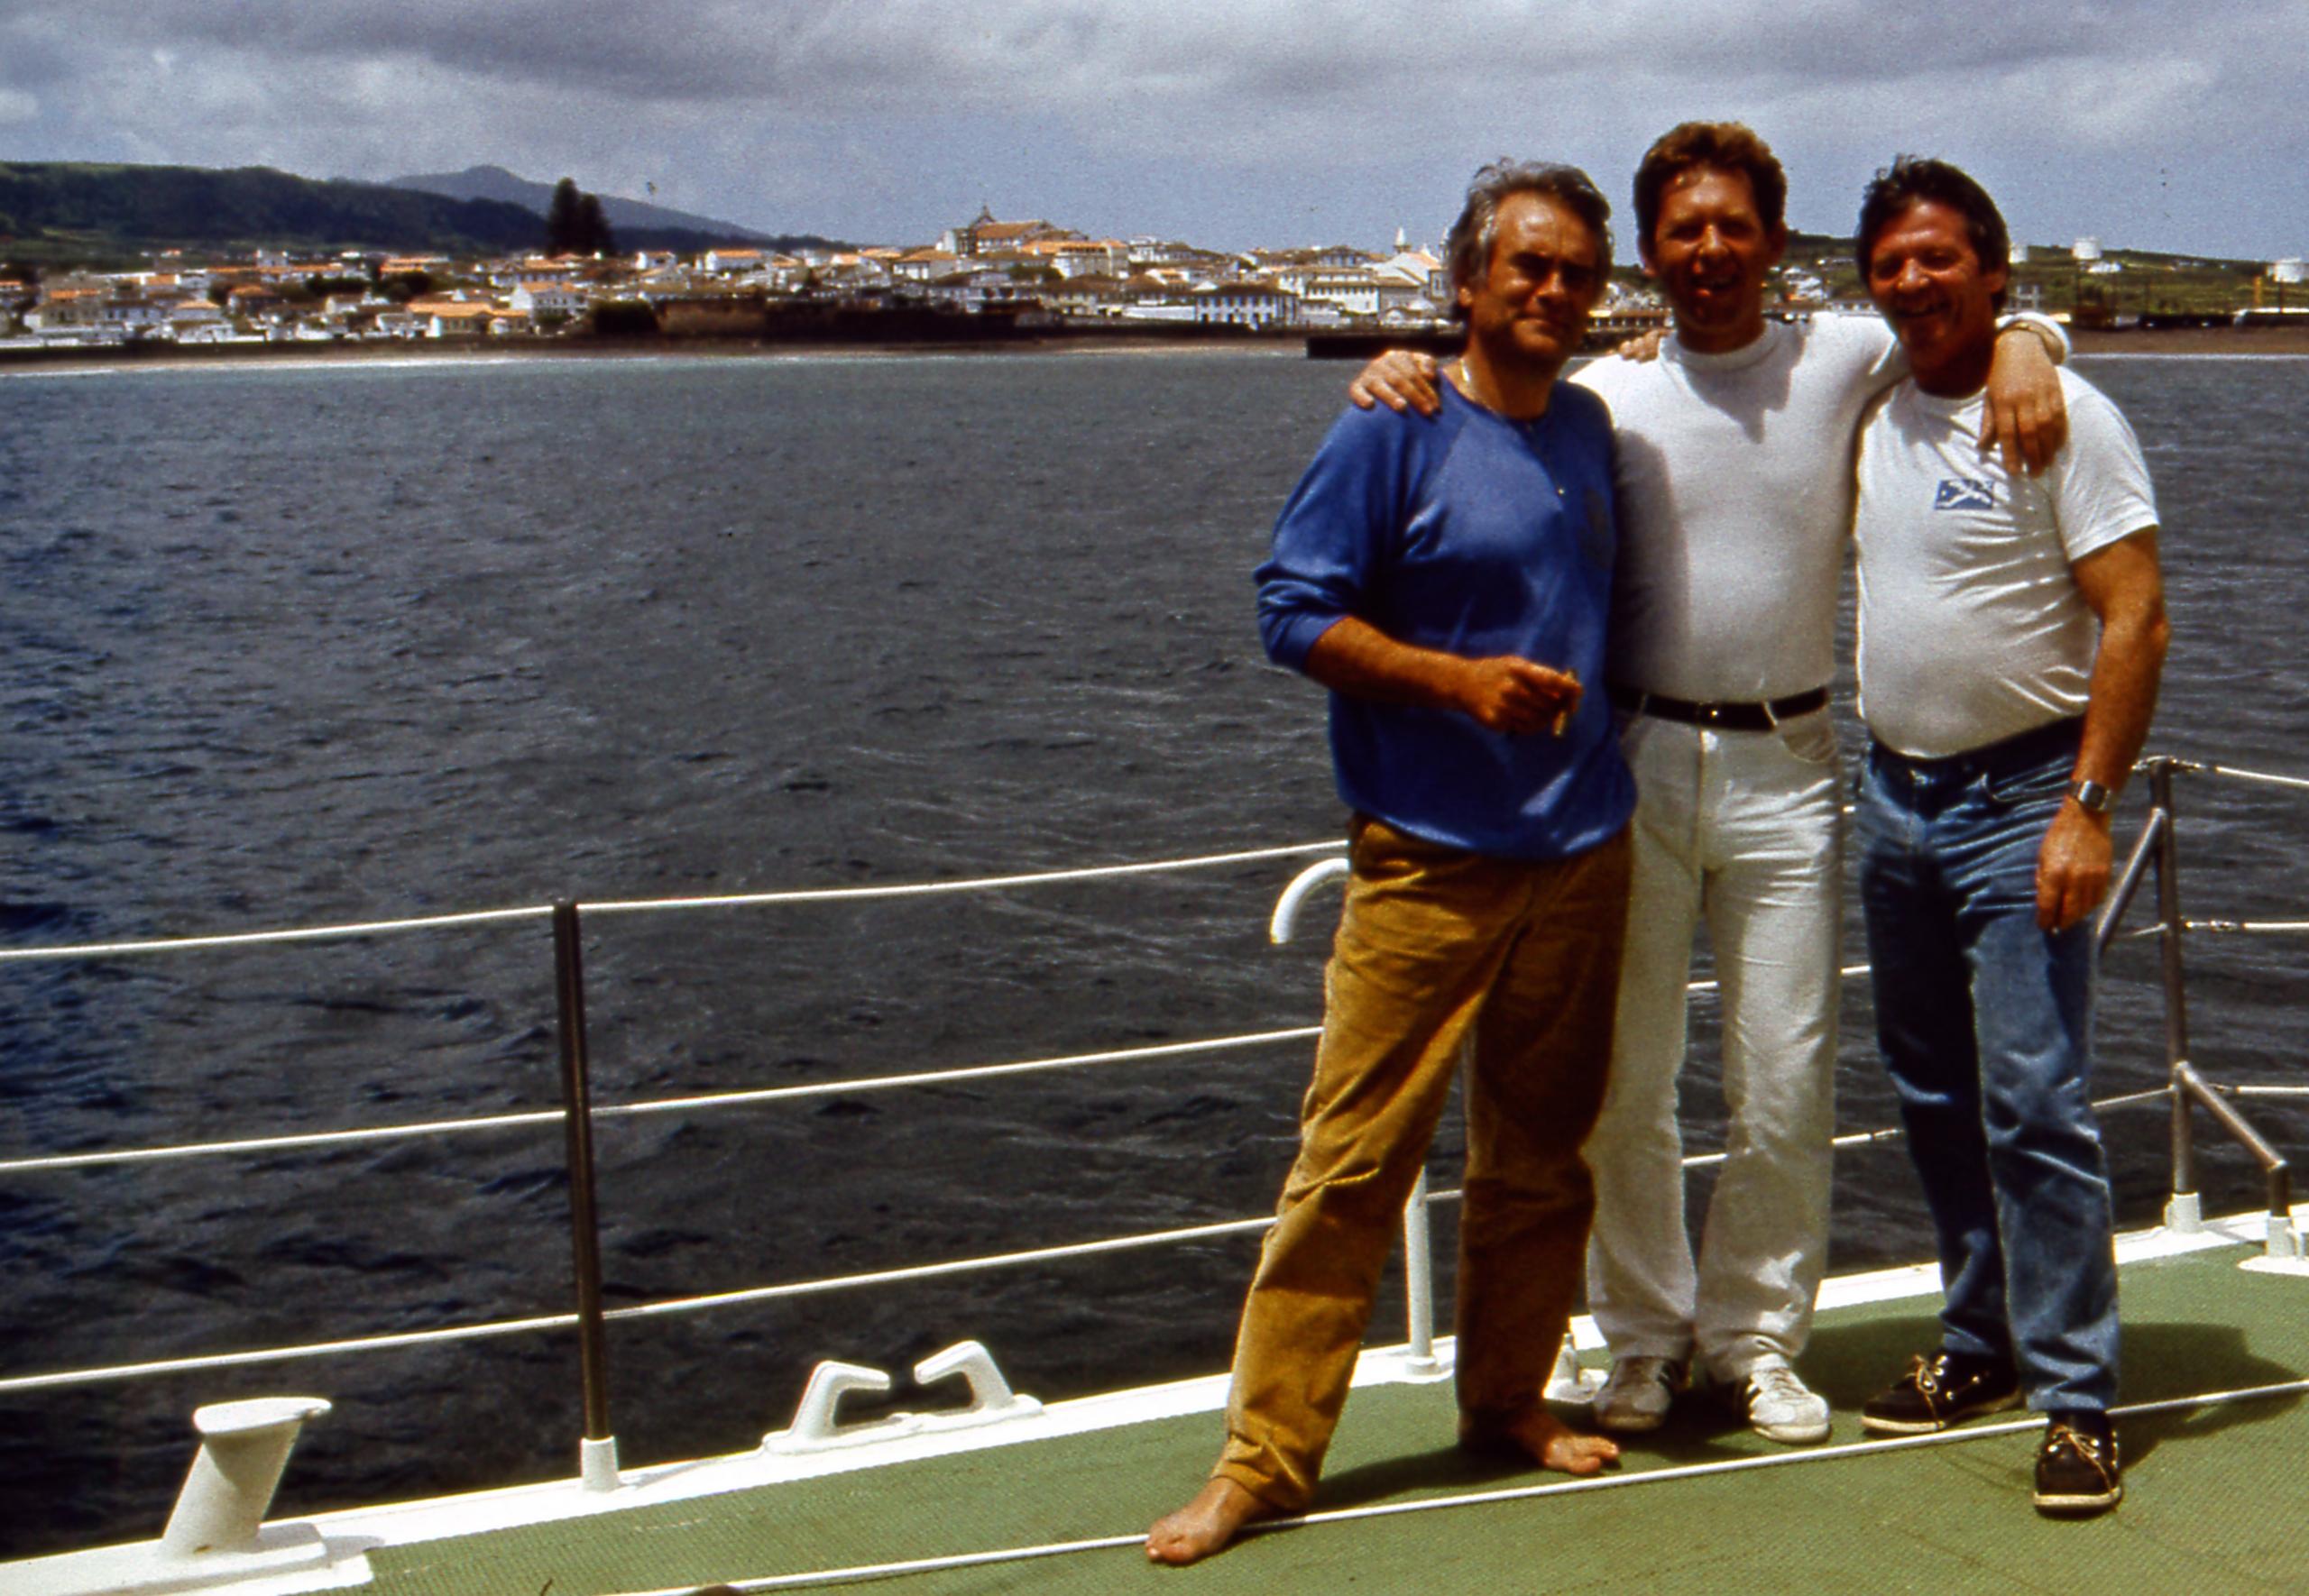 Три неразлучных товарища - Бернар Деги, Владимир Кривошеев, Жозеф Гийу на фоне столицы острова Терсейра (Азоры)